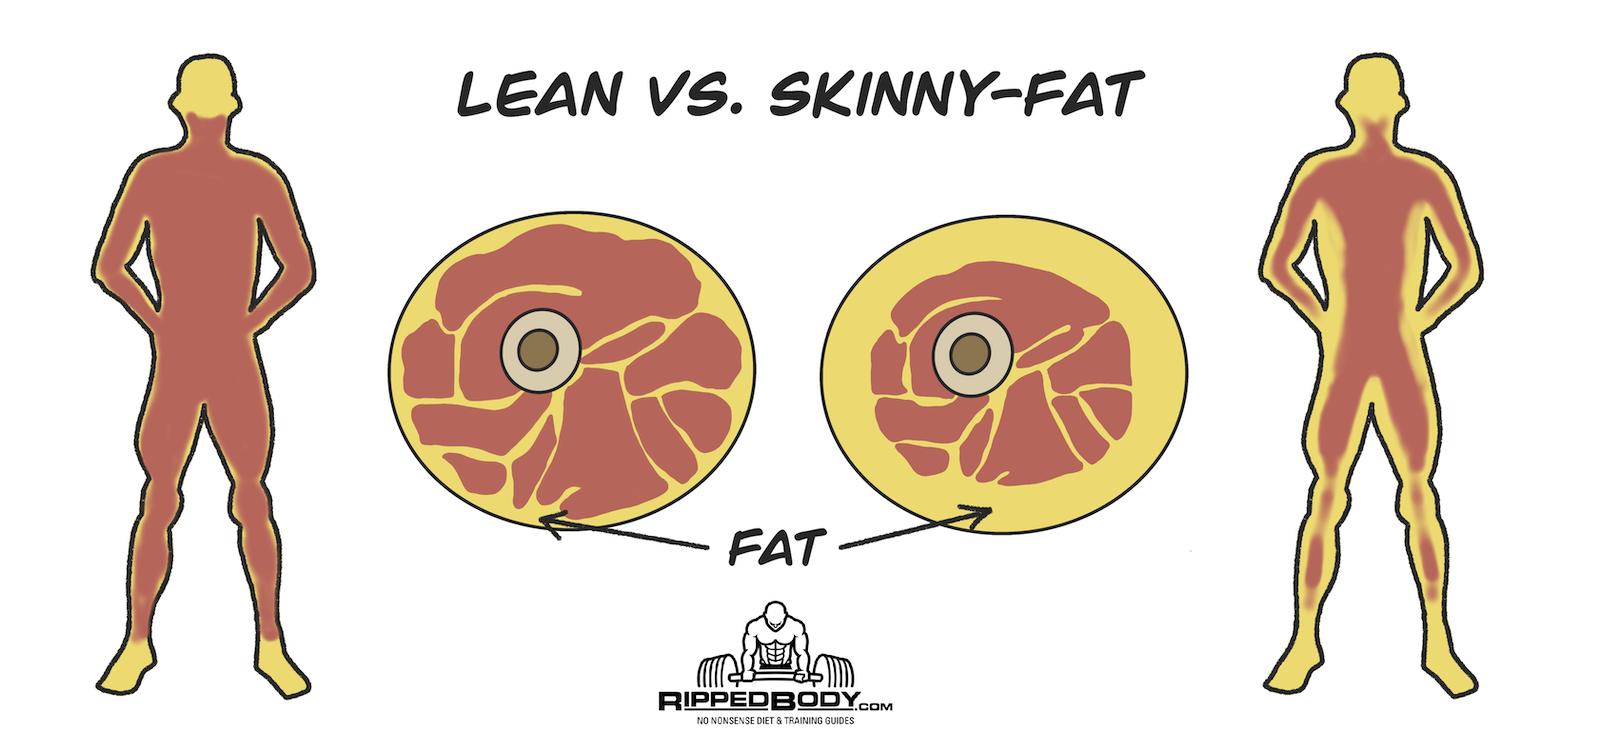 Leav vs. Skinny fat